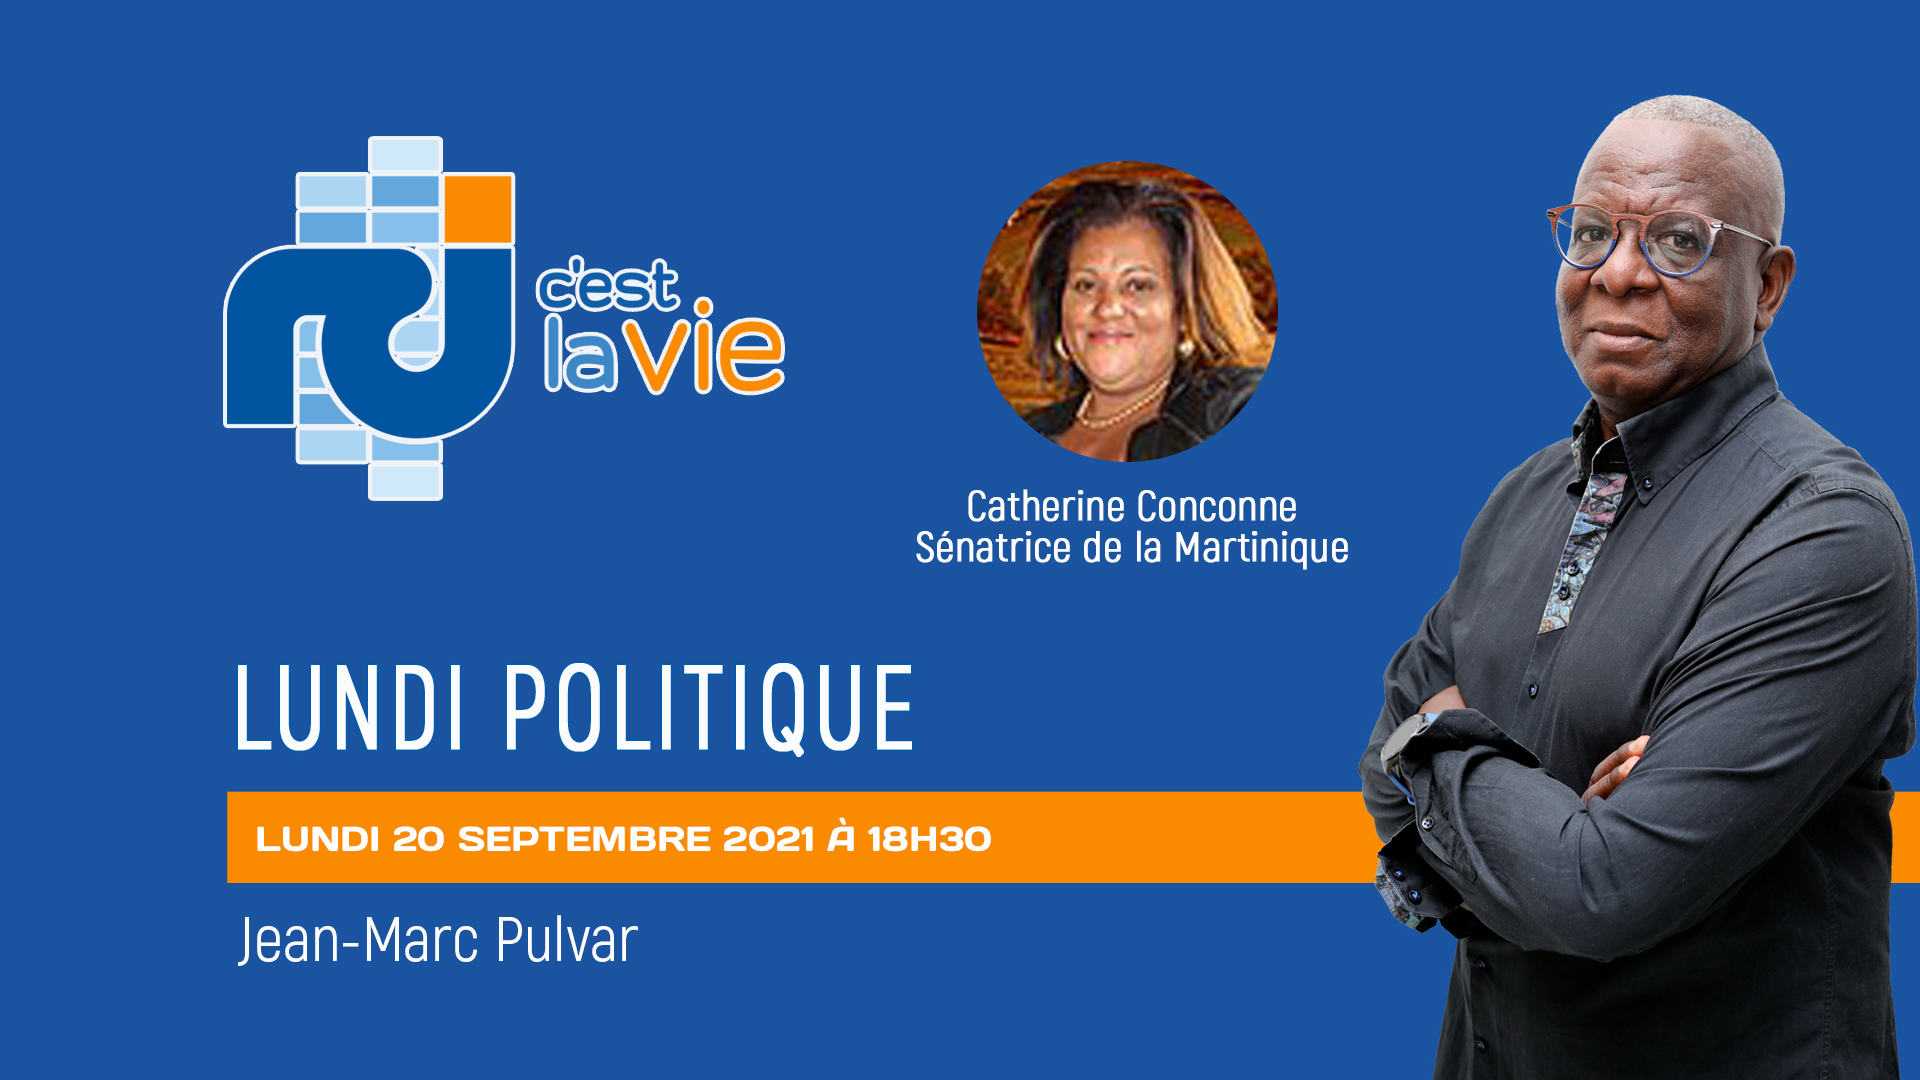 [LIVE] Catherine Conconne est l'invitée de Lundi Politique